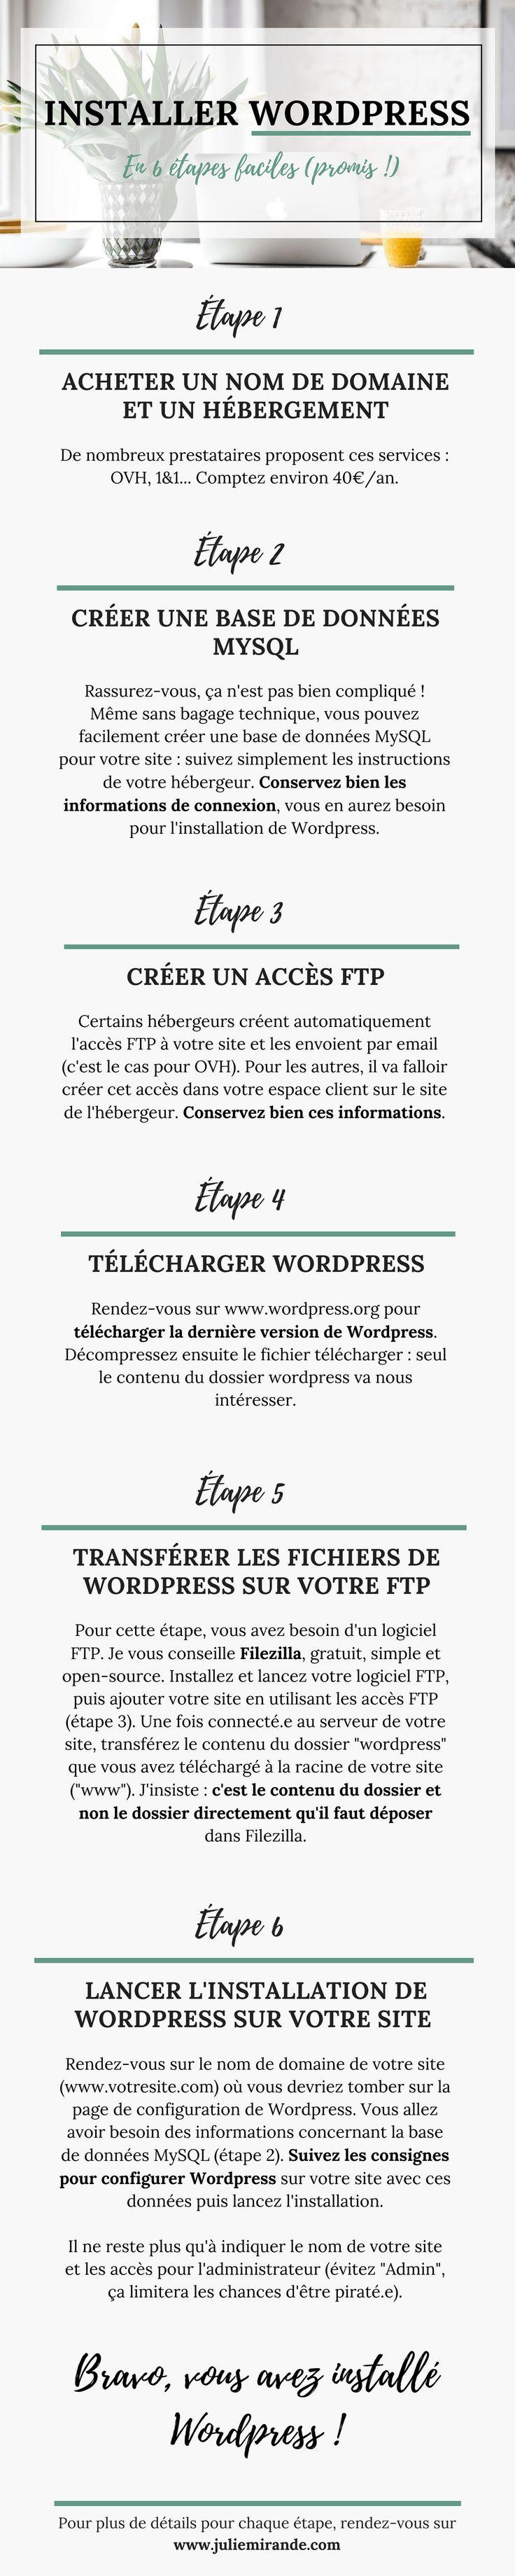 Infographie - Créer son blog avec Wordpress, c'est facile ! #infographie #wordpress #web #blog